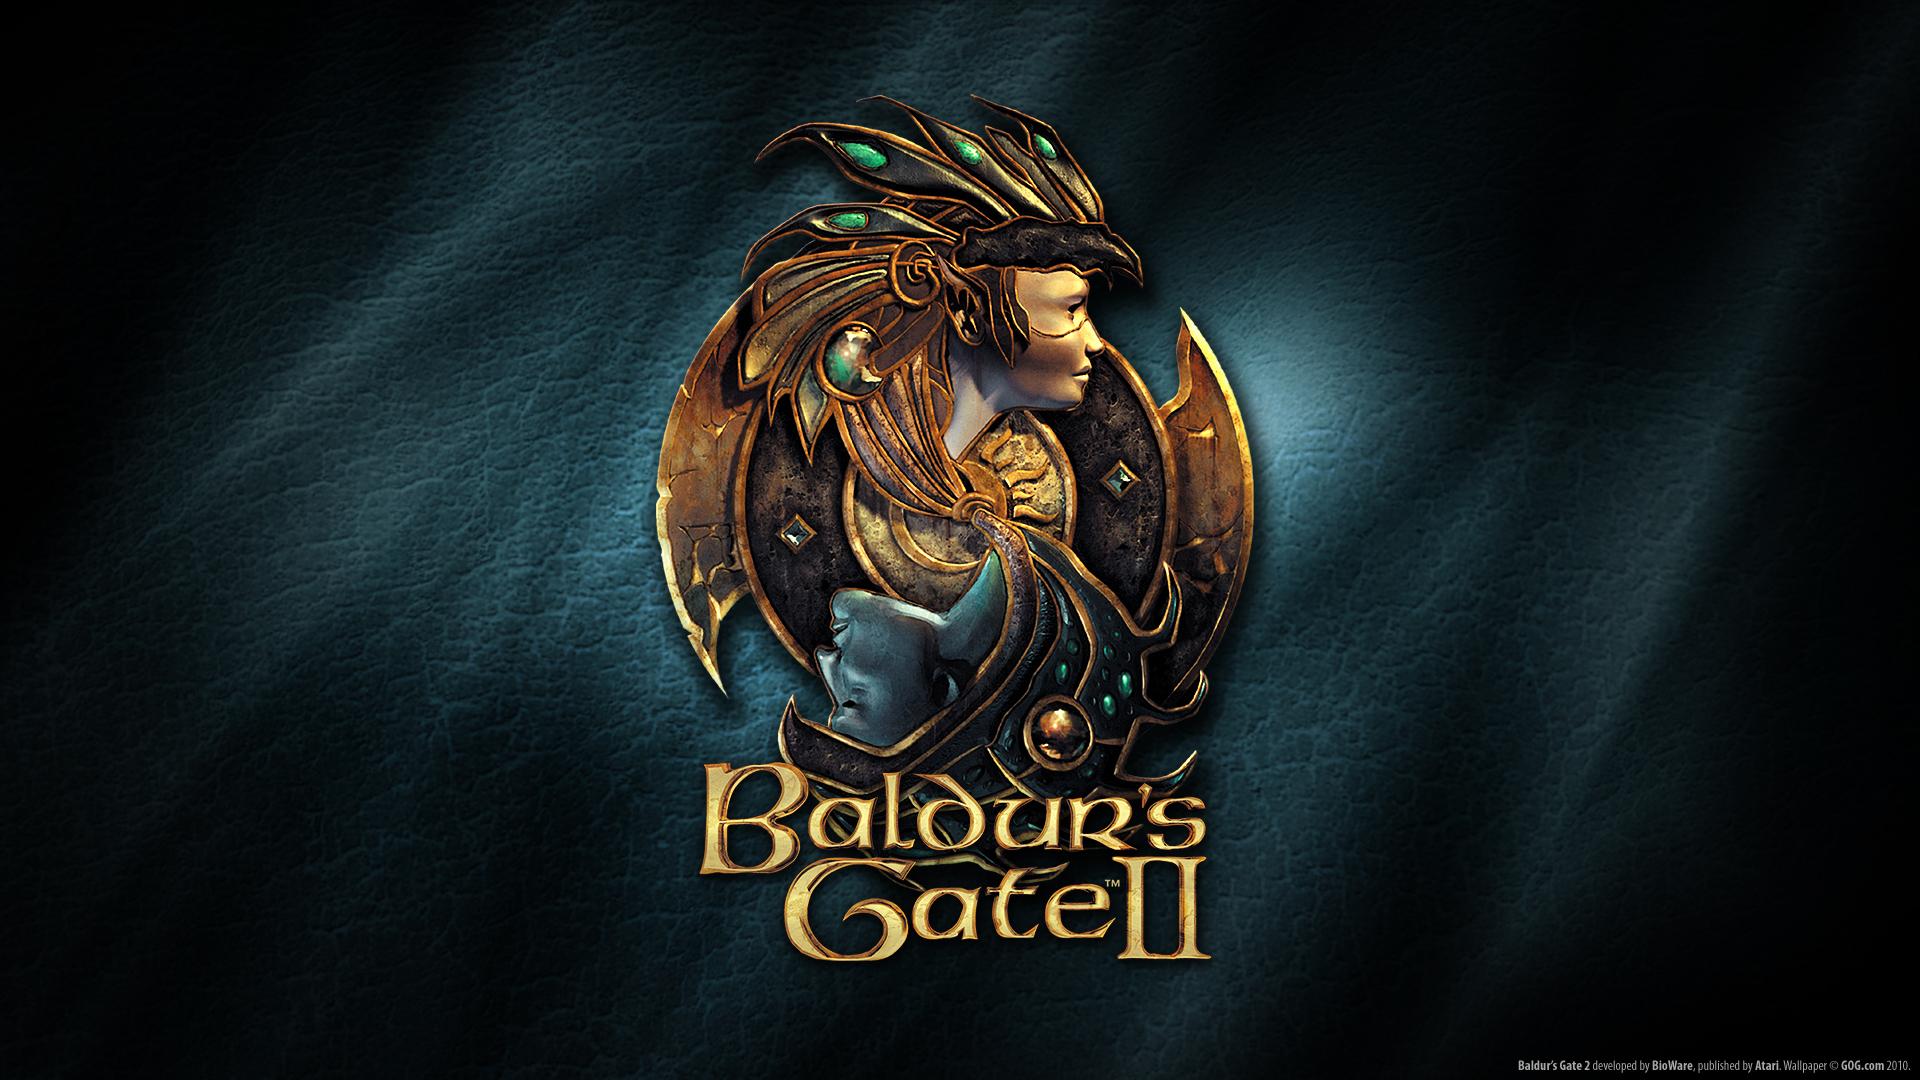 Baldurs Gate Fondo De Pantalla Hd Fondo De Escritorio